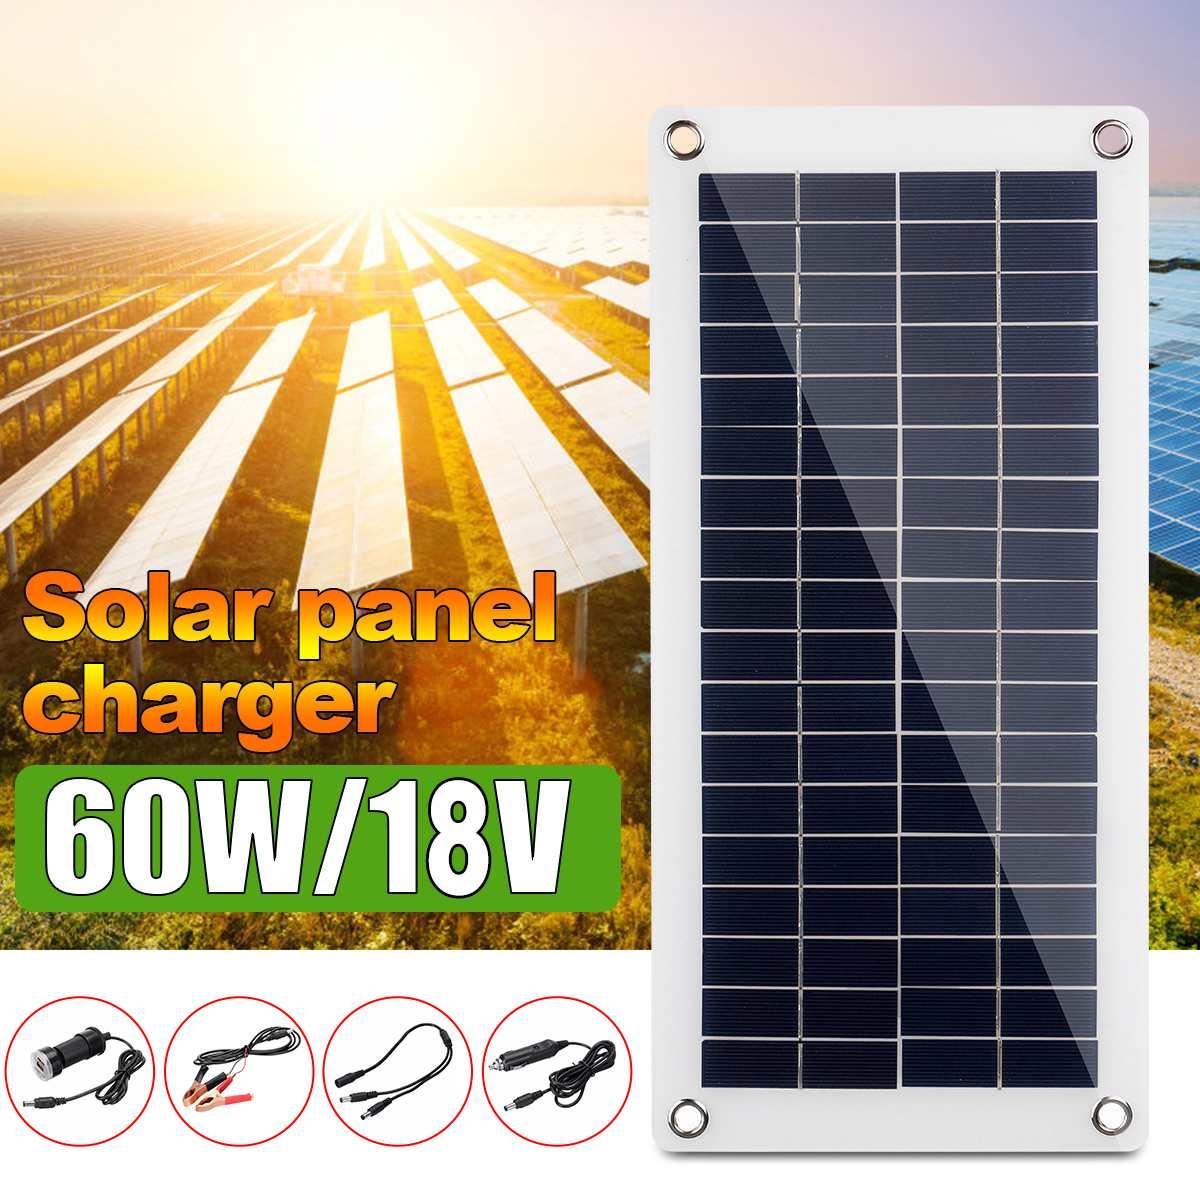 Panel Solar Flexible de 18V 60W 10A-30A, cargador de coche para RV, barco, pantalla LCD, controlador de carga de Panel Solar PWM